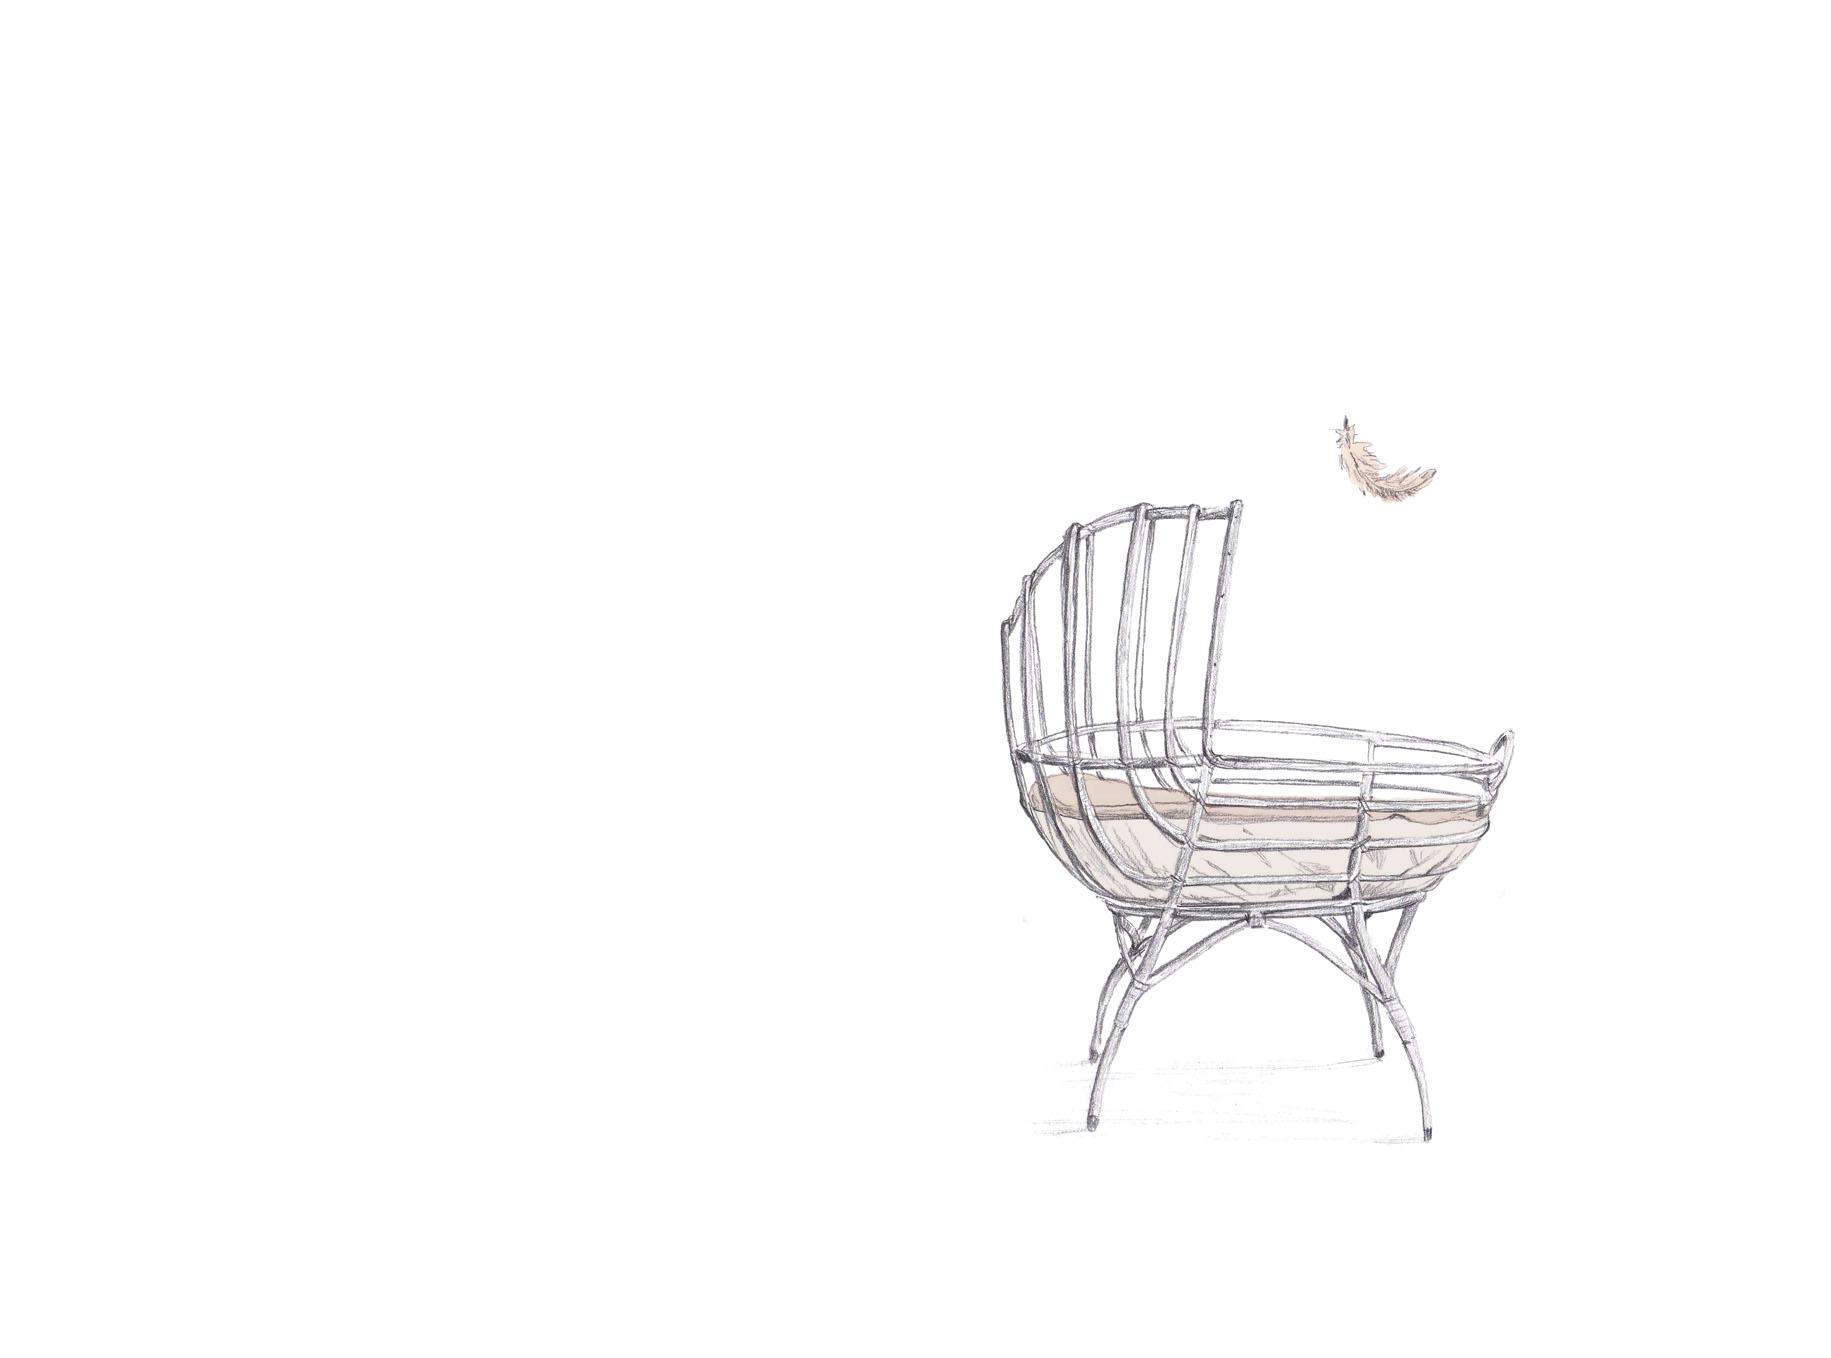 """Ilustración para """"Canción para saber dónde"""", de Mar Benegas."""